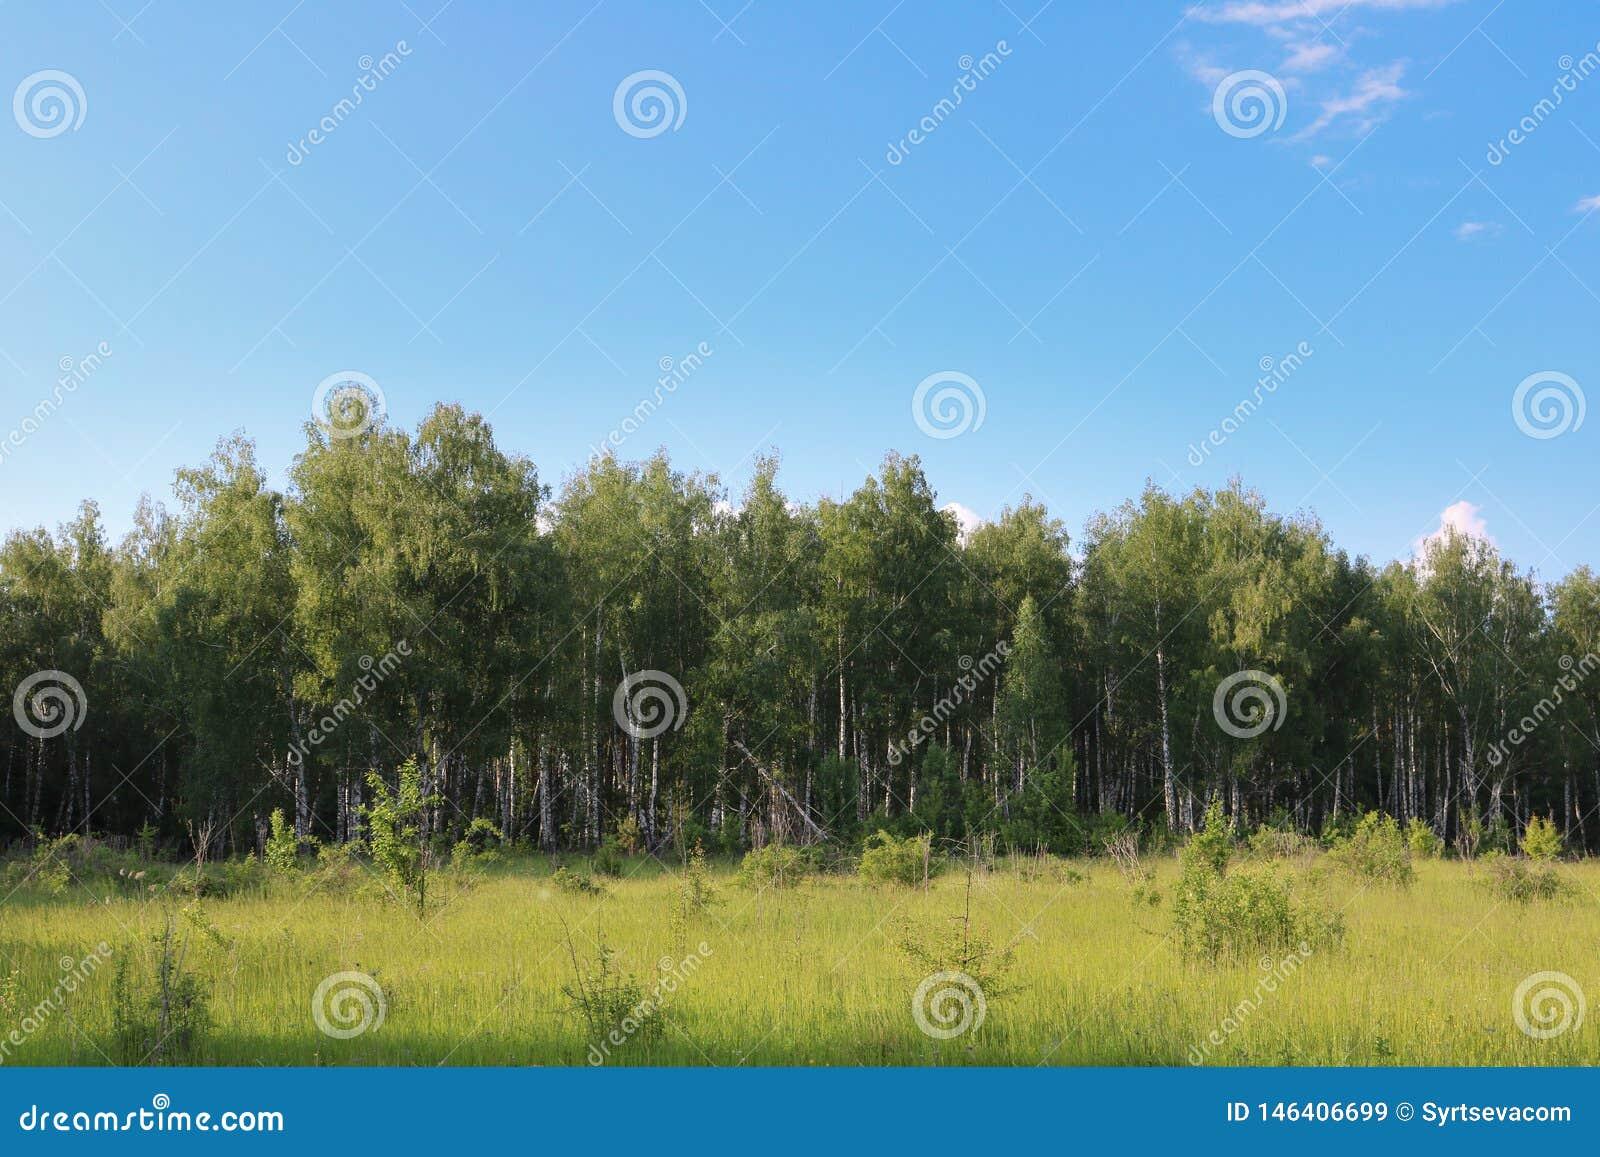 Brzoza las przeciw niebieskiemu niebu z biel chmurami i zielonymi łąkami z niskimi krzakami, lokalizować w przedpolu